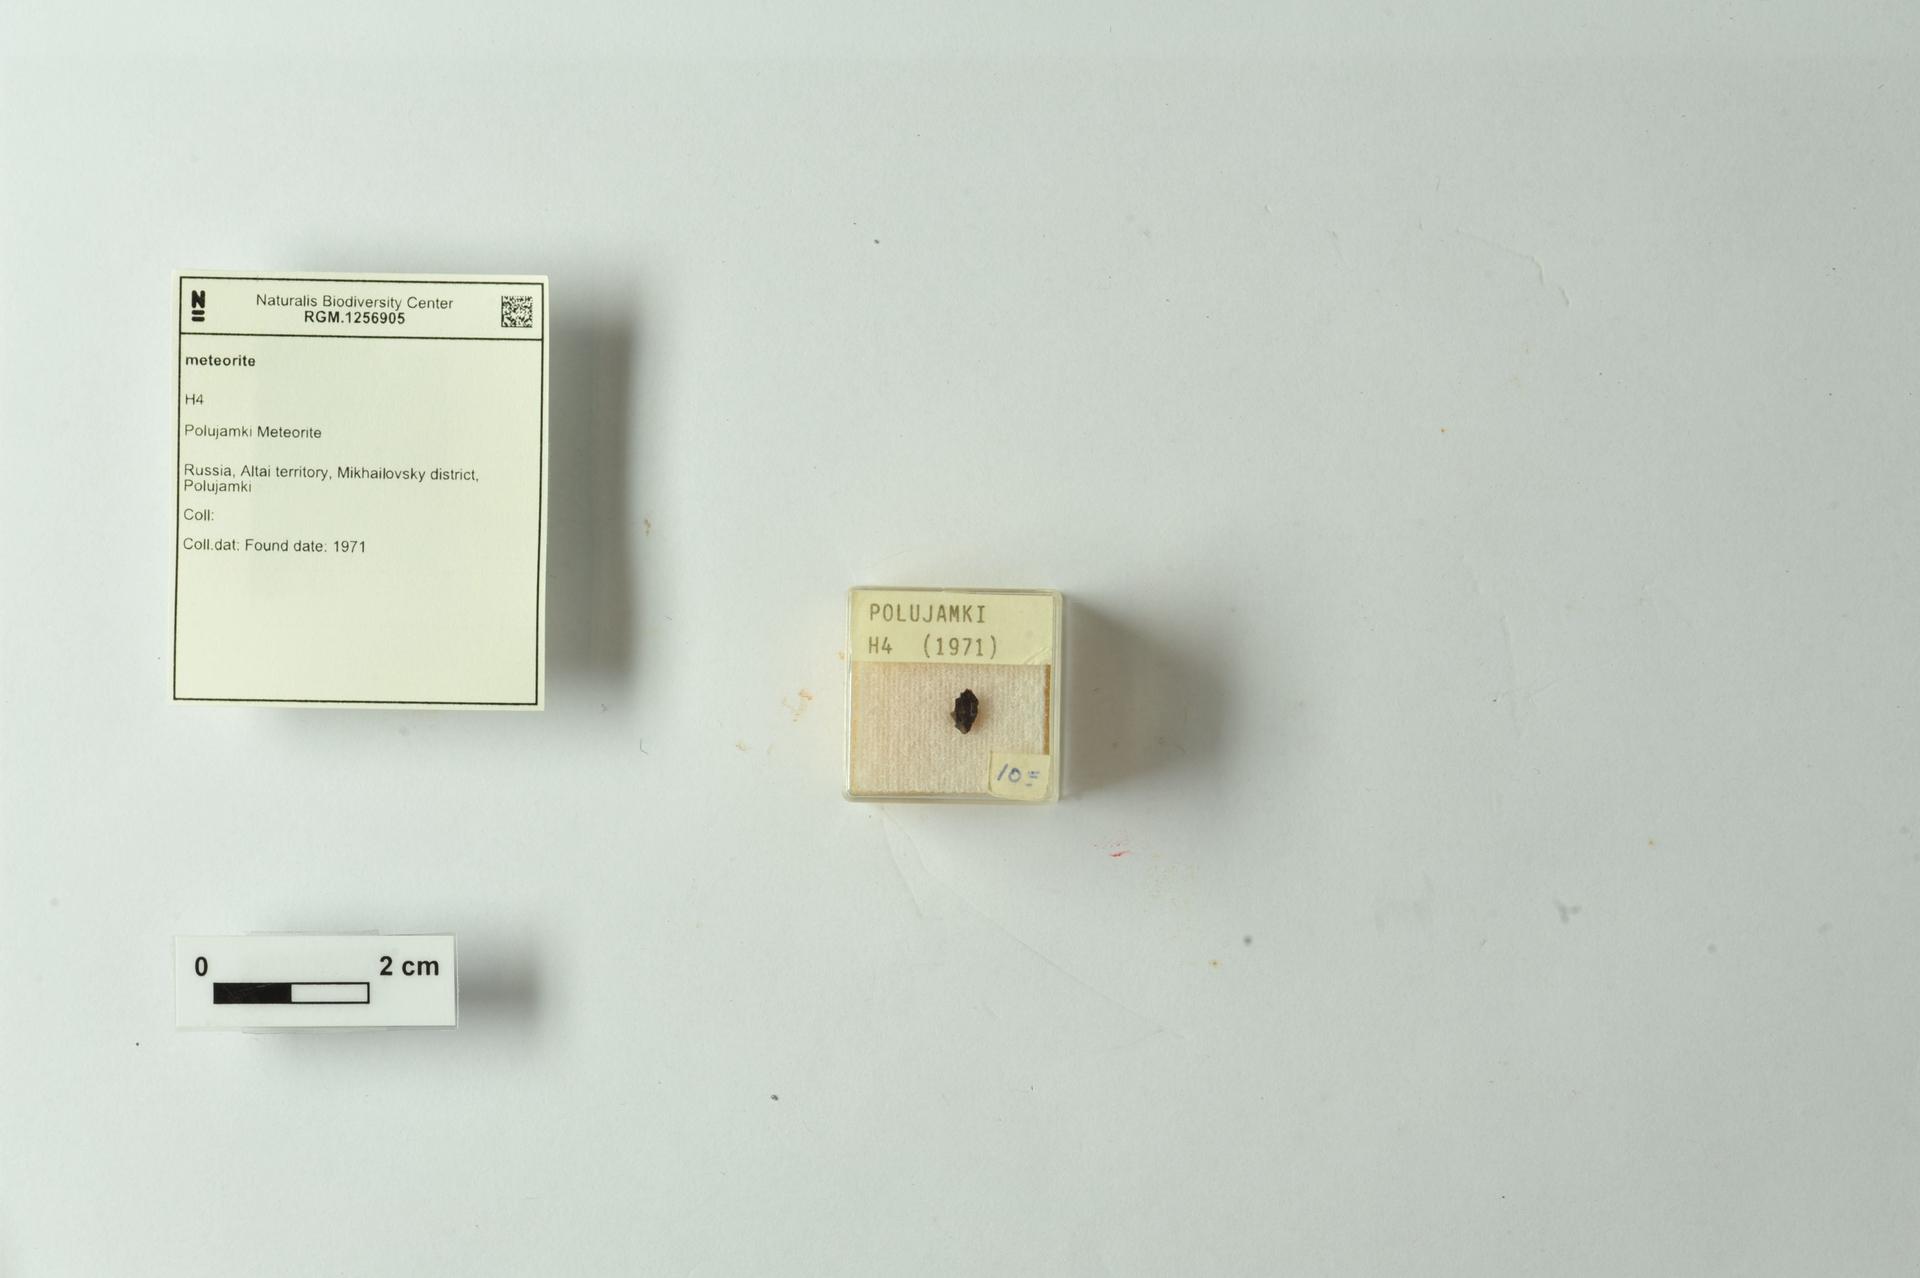 RGM.1256905 | H4